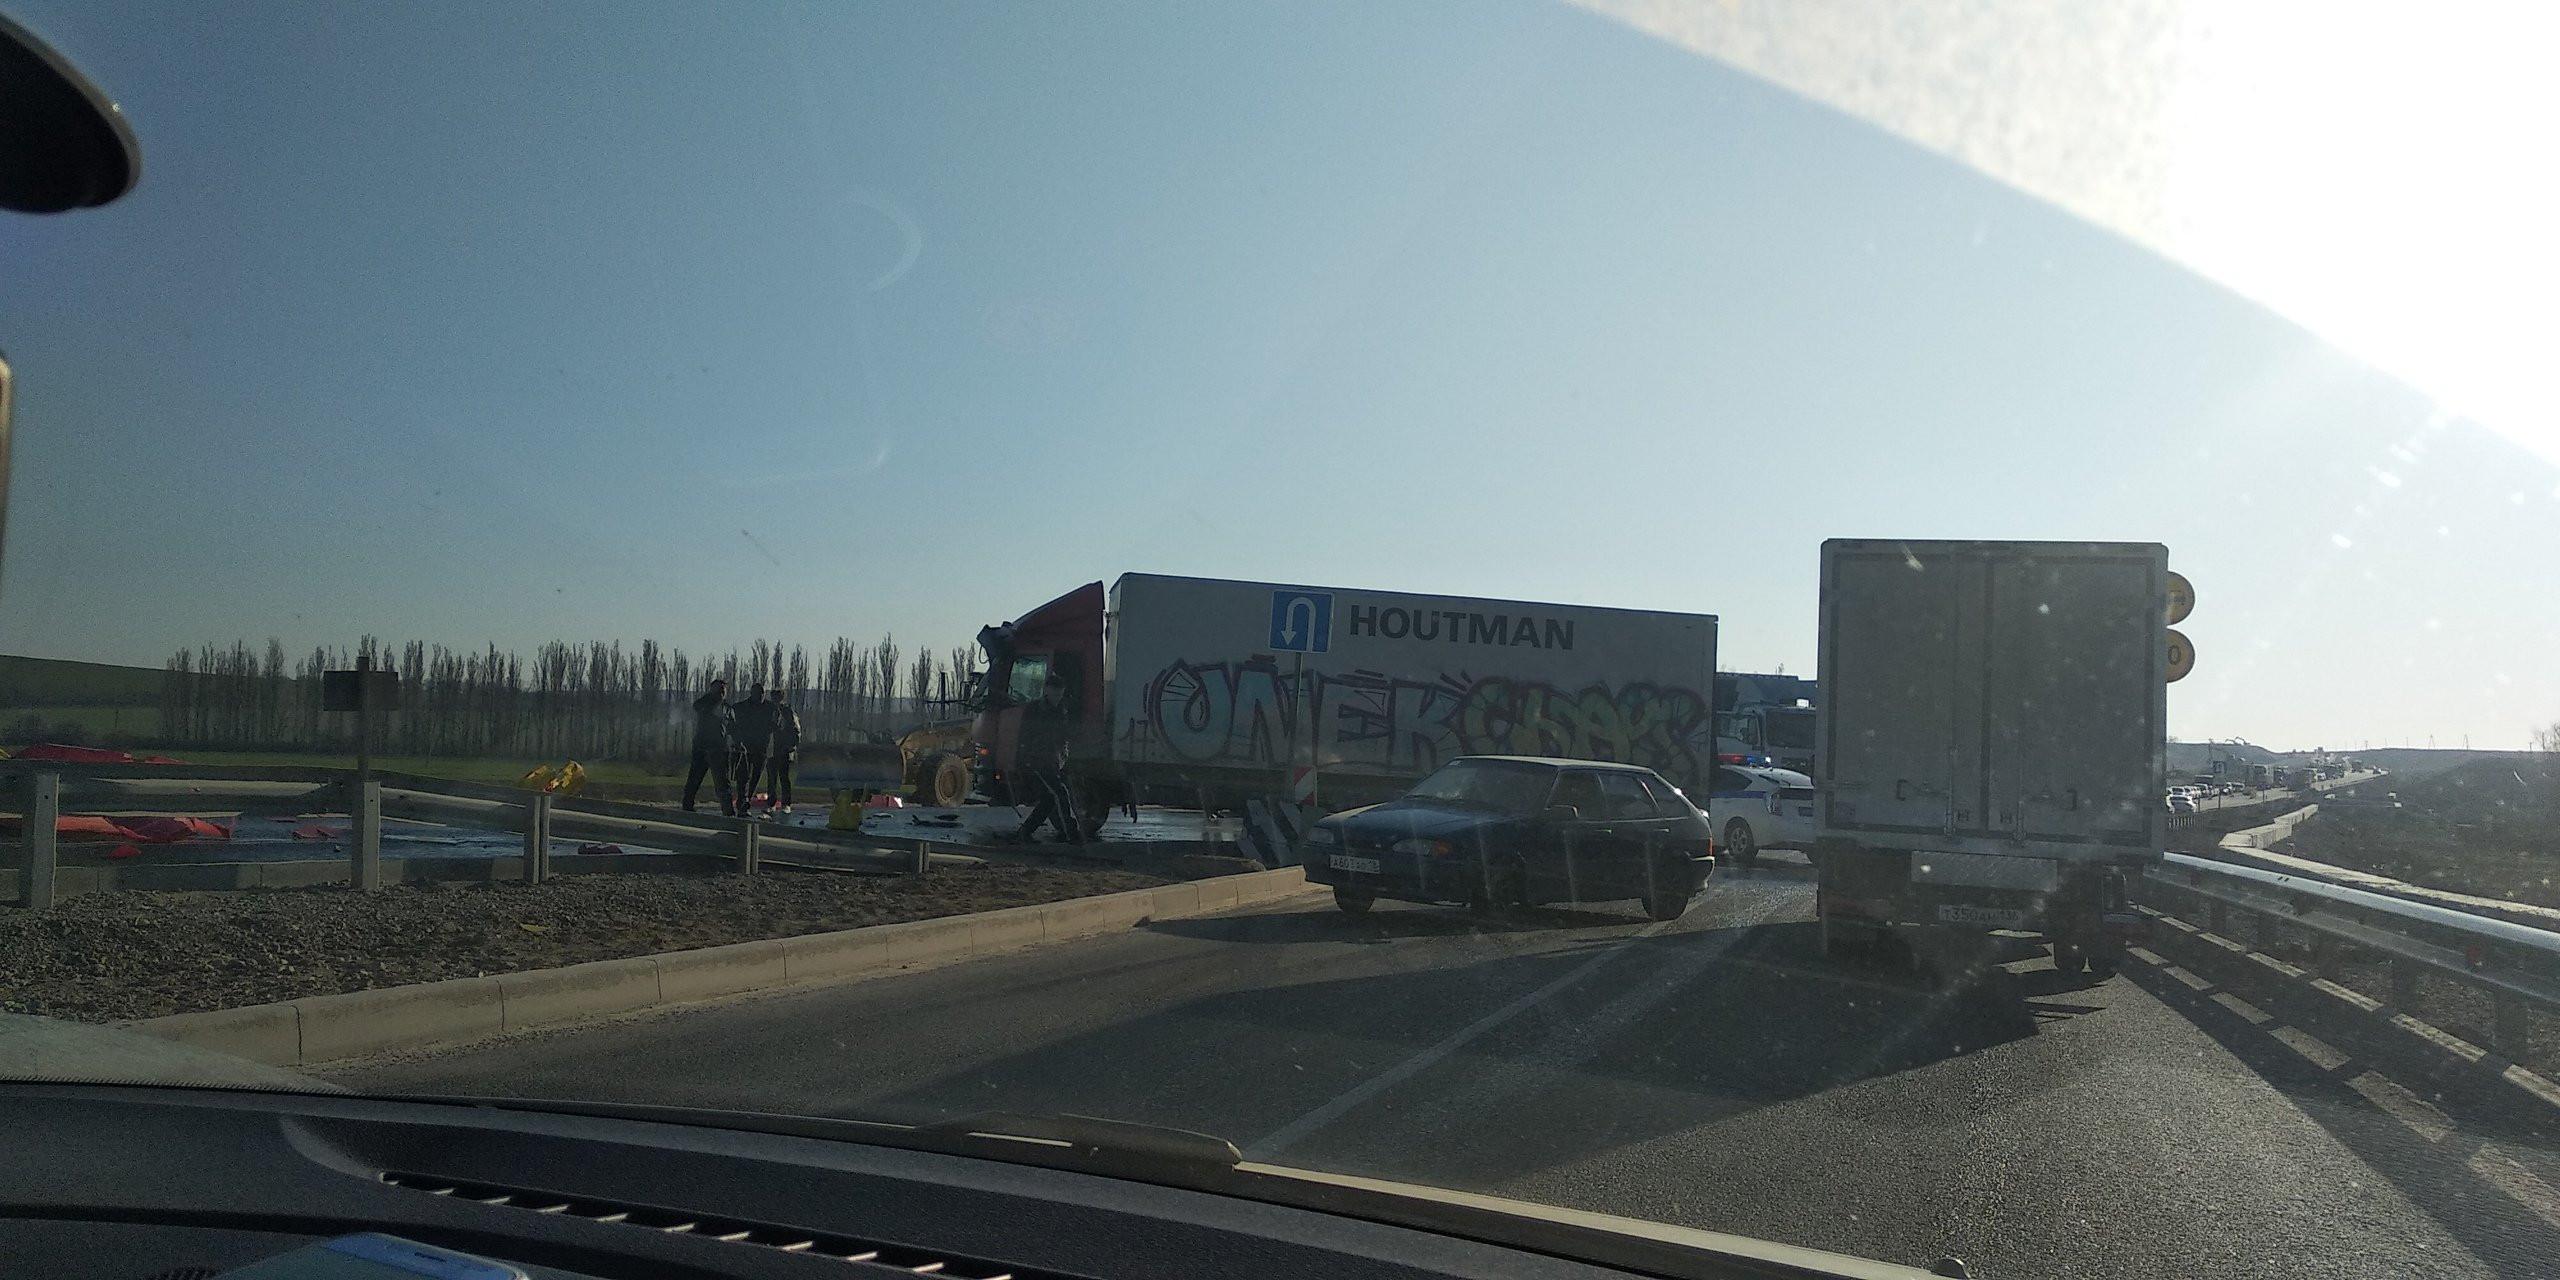 В Крыму на трассе перевернулись грузовики